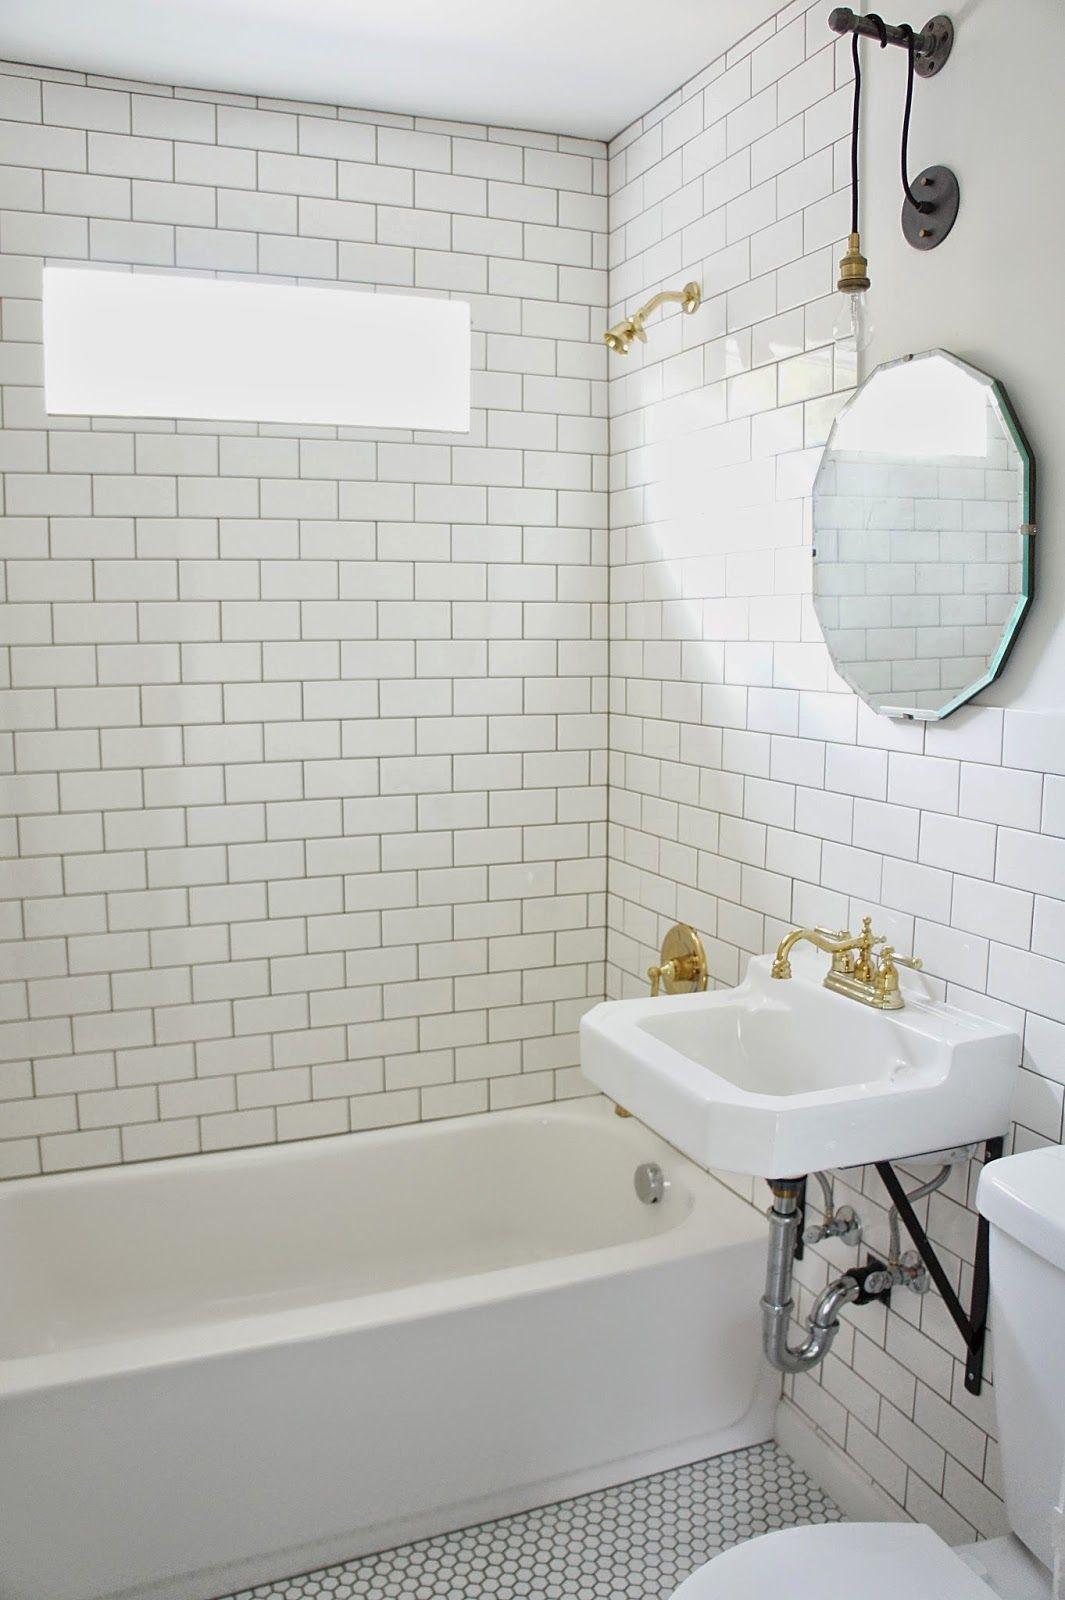 Make King Vintage Industrial Bathroom Desk In Living Room